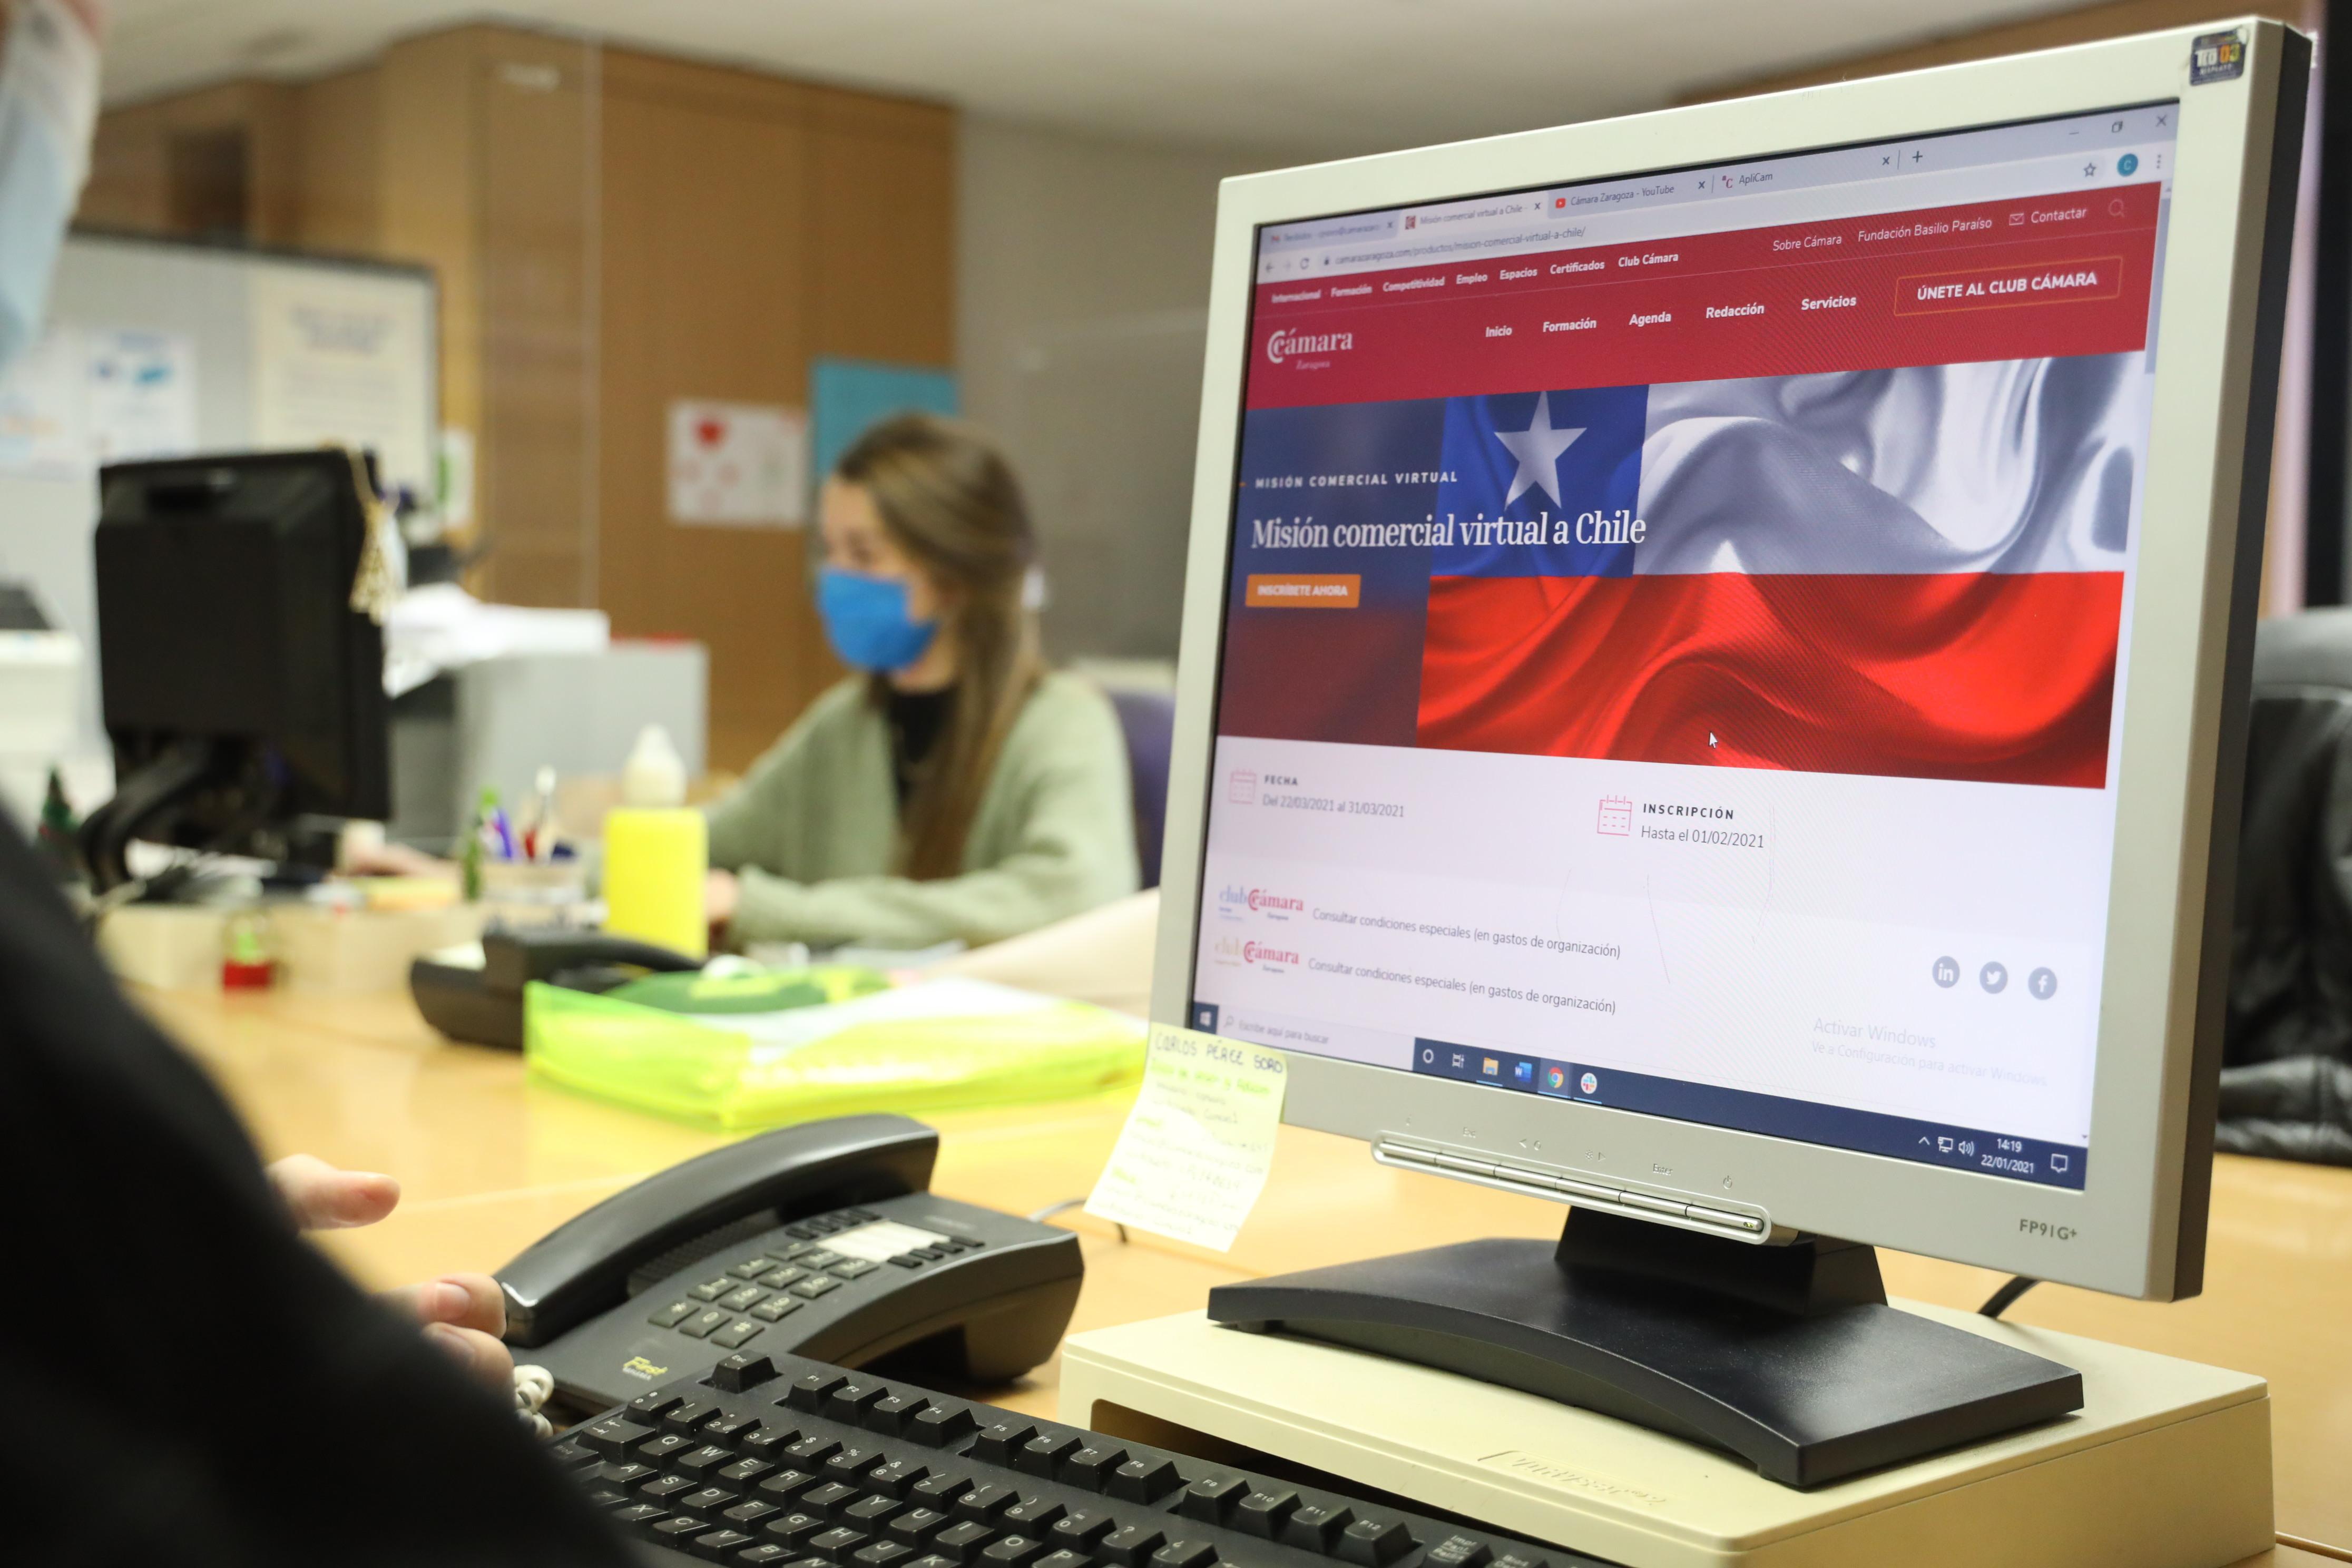 La exportación aragonesa creció un 0,14% en el 2020, según el último informe del Departamento de Aduanas